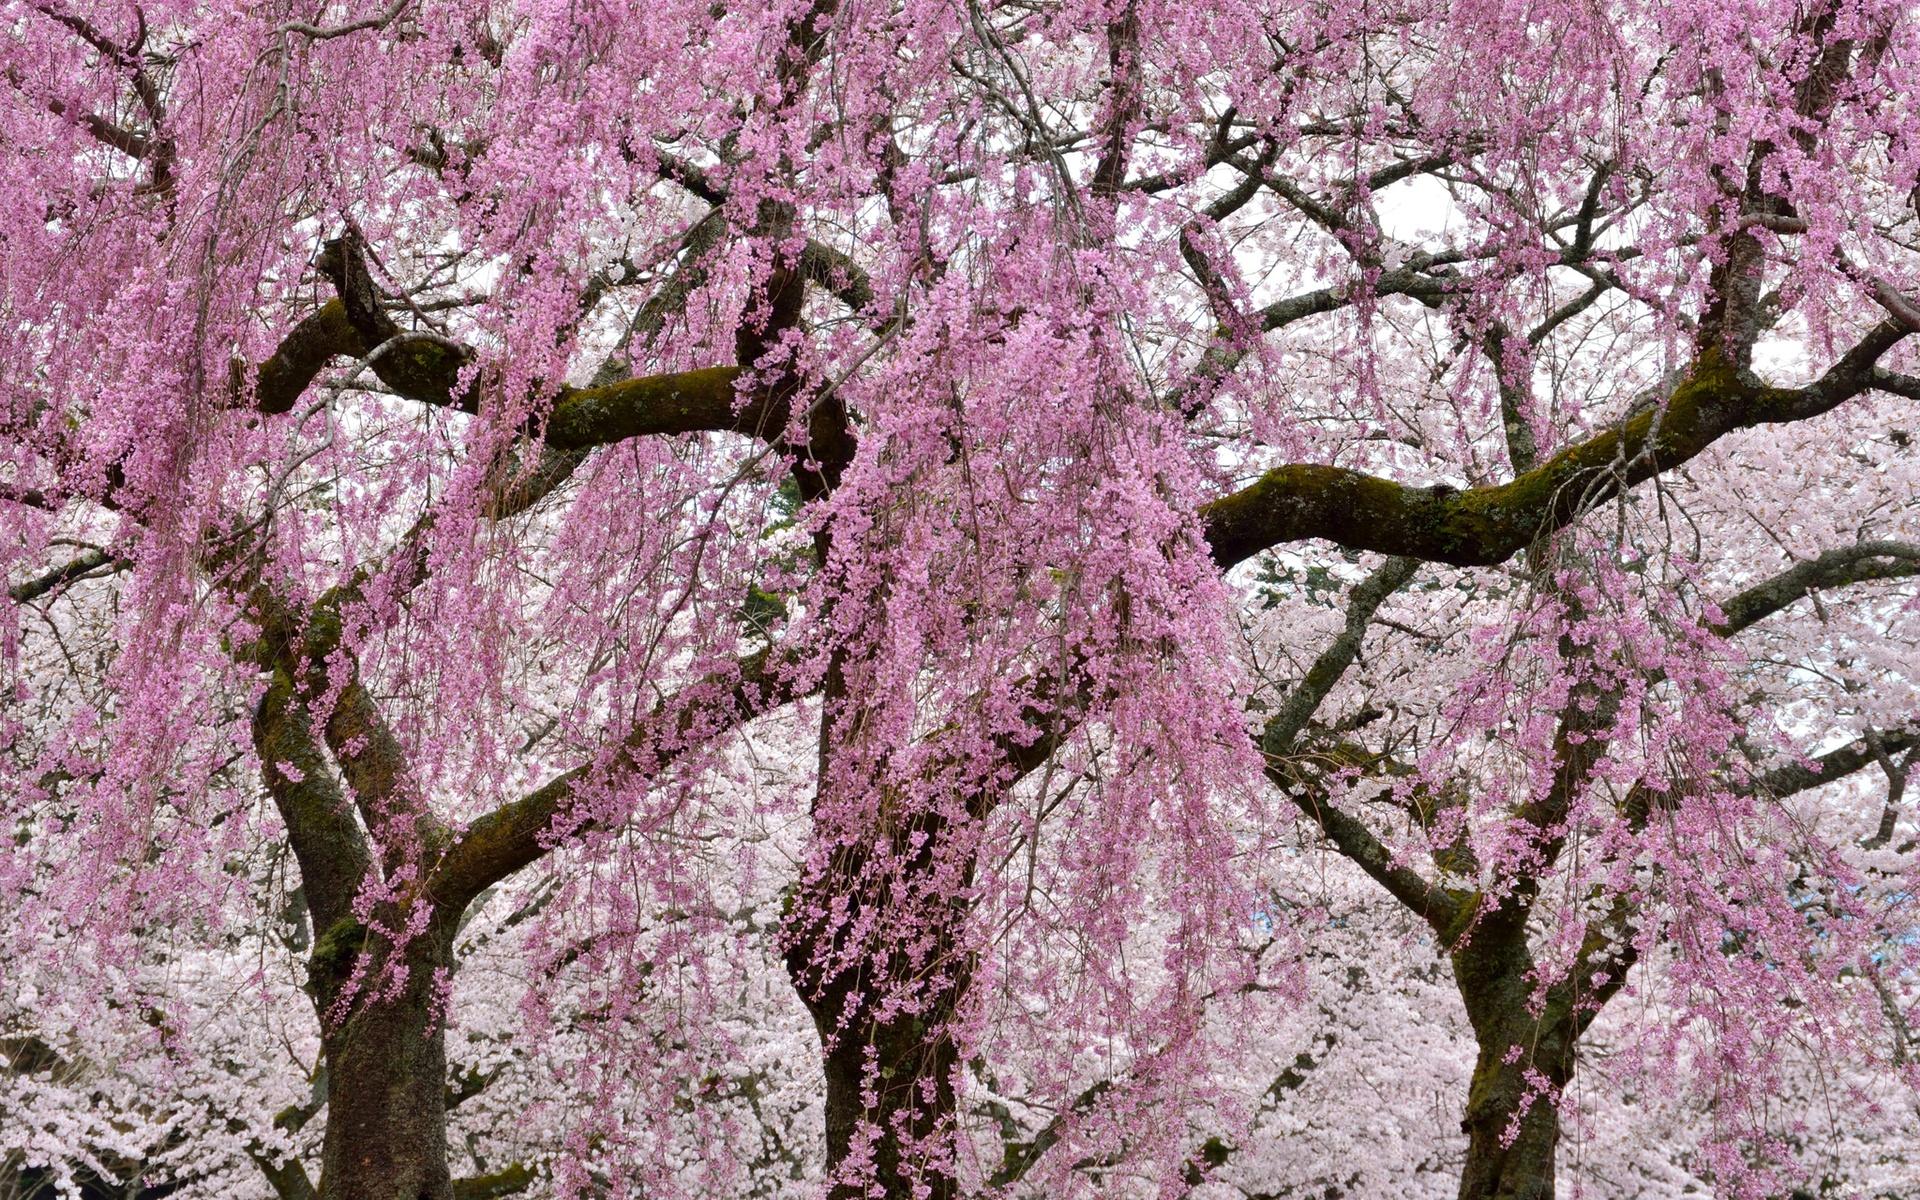 приготовить фото деревьев с розовыми цветами этом случае